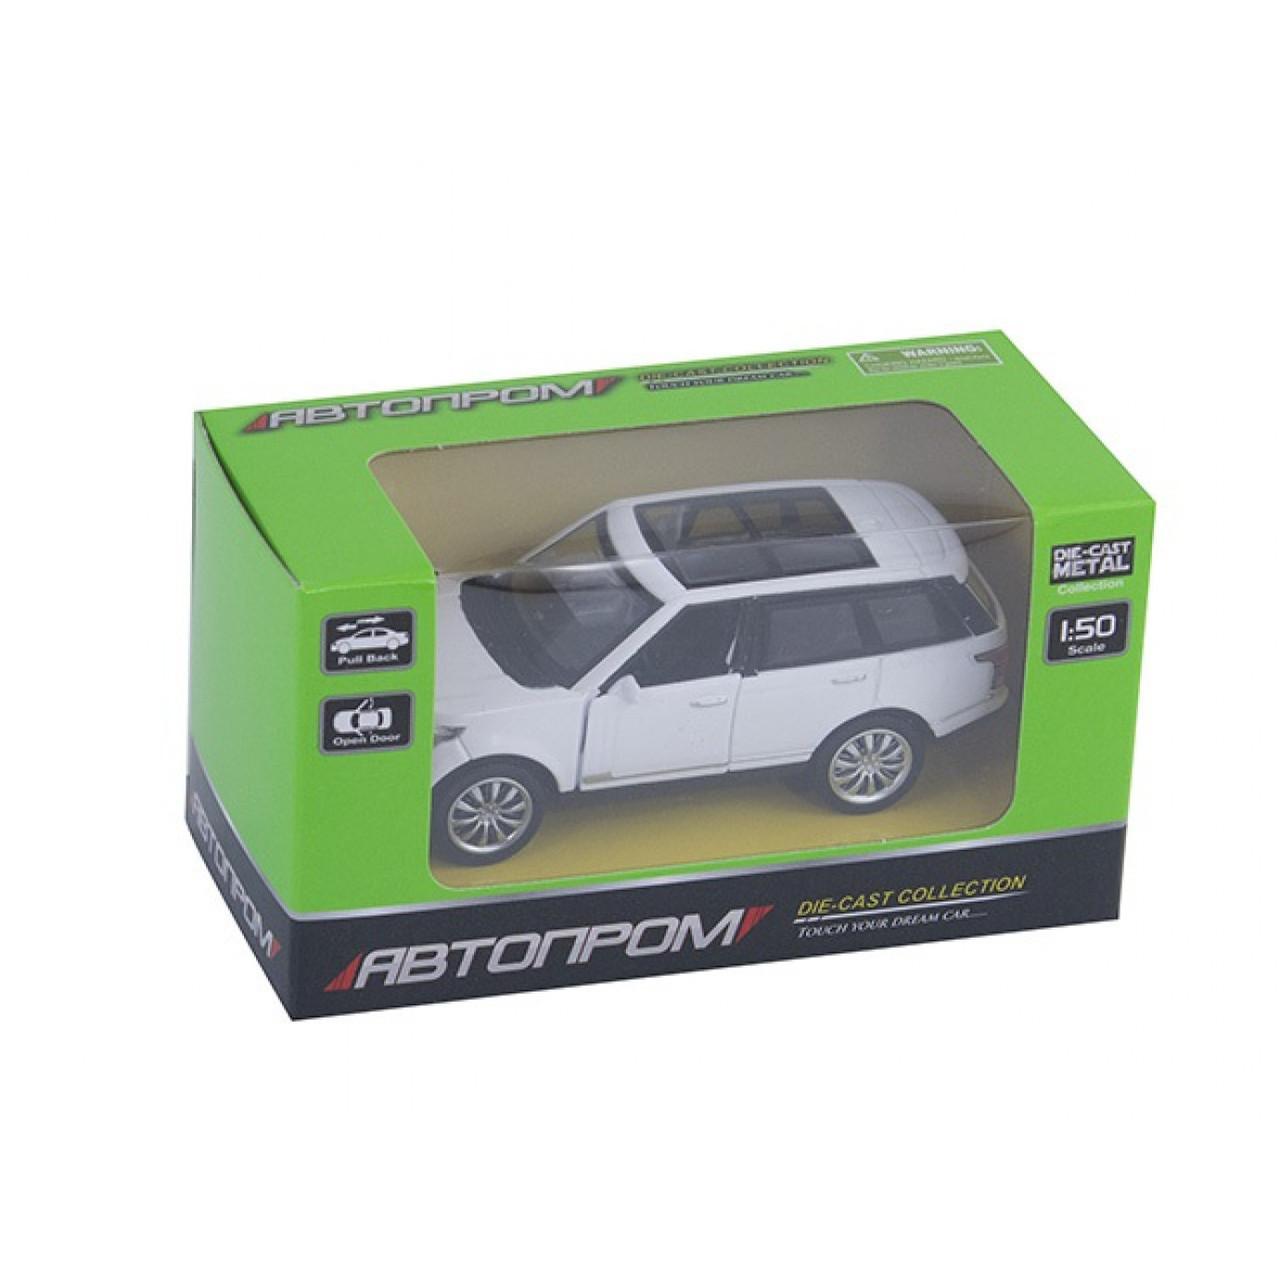 """Машина металева """"Автопром"""" Range Rover, М1: 50, в коробці, 4 кольора, 12 х6,5 х5,7 см (54) (108) КІ №7715"""